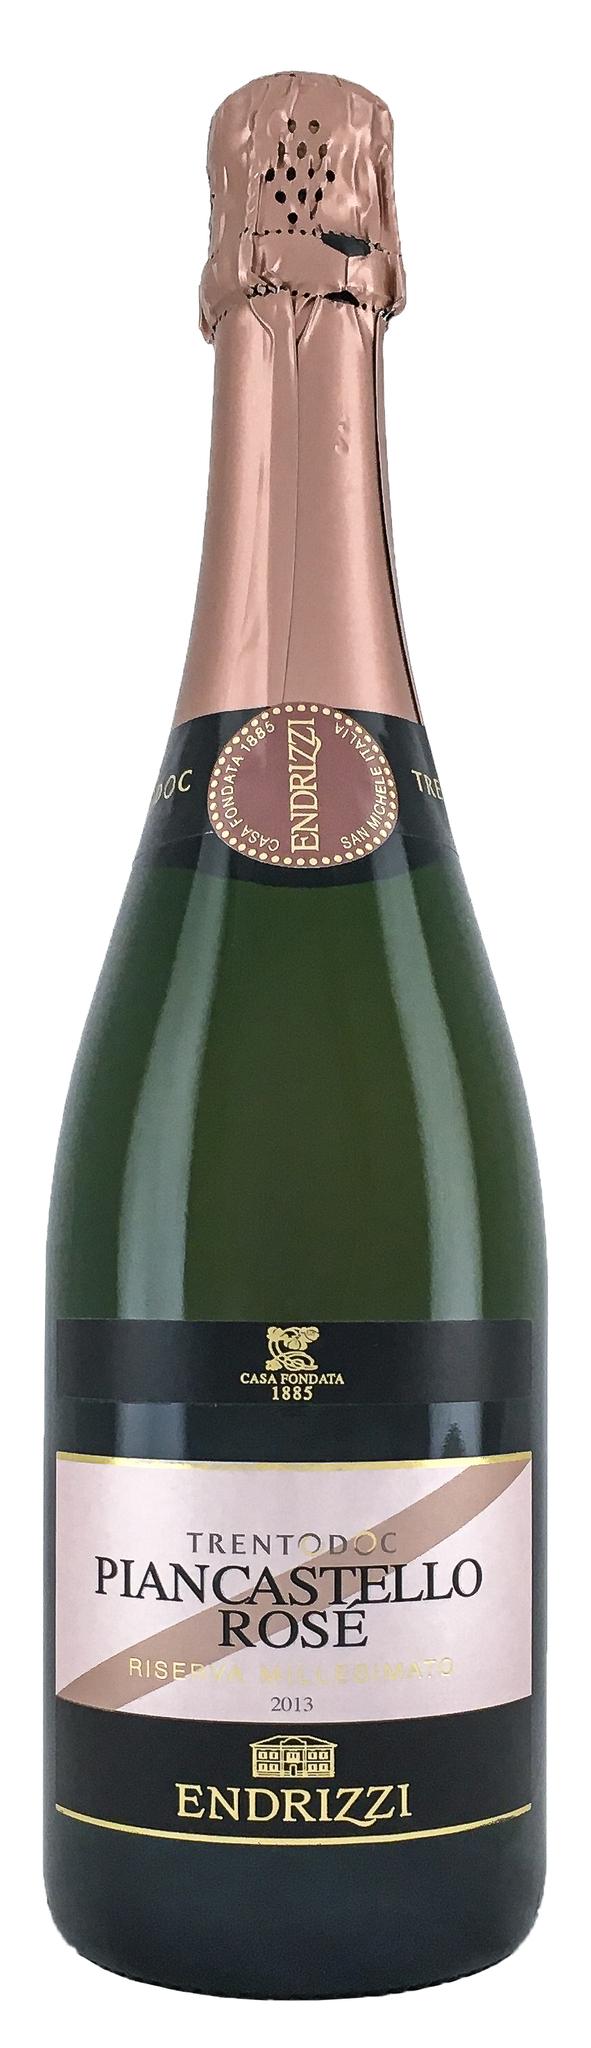 Вино Пианкастелло Классический метод Тренто Резерва Розе игрист.сух.роз.з.н.м.п. рег.Трентино 0,75л.